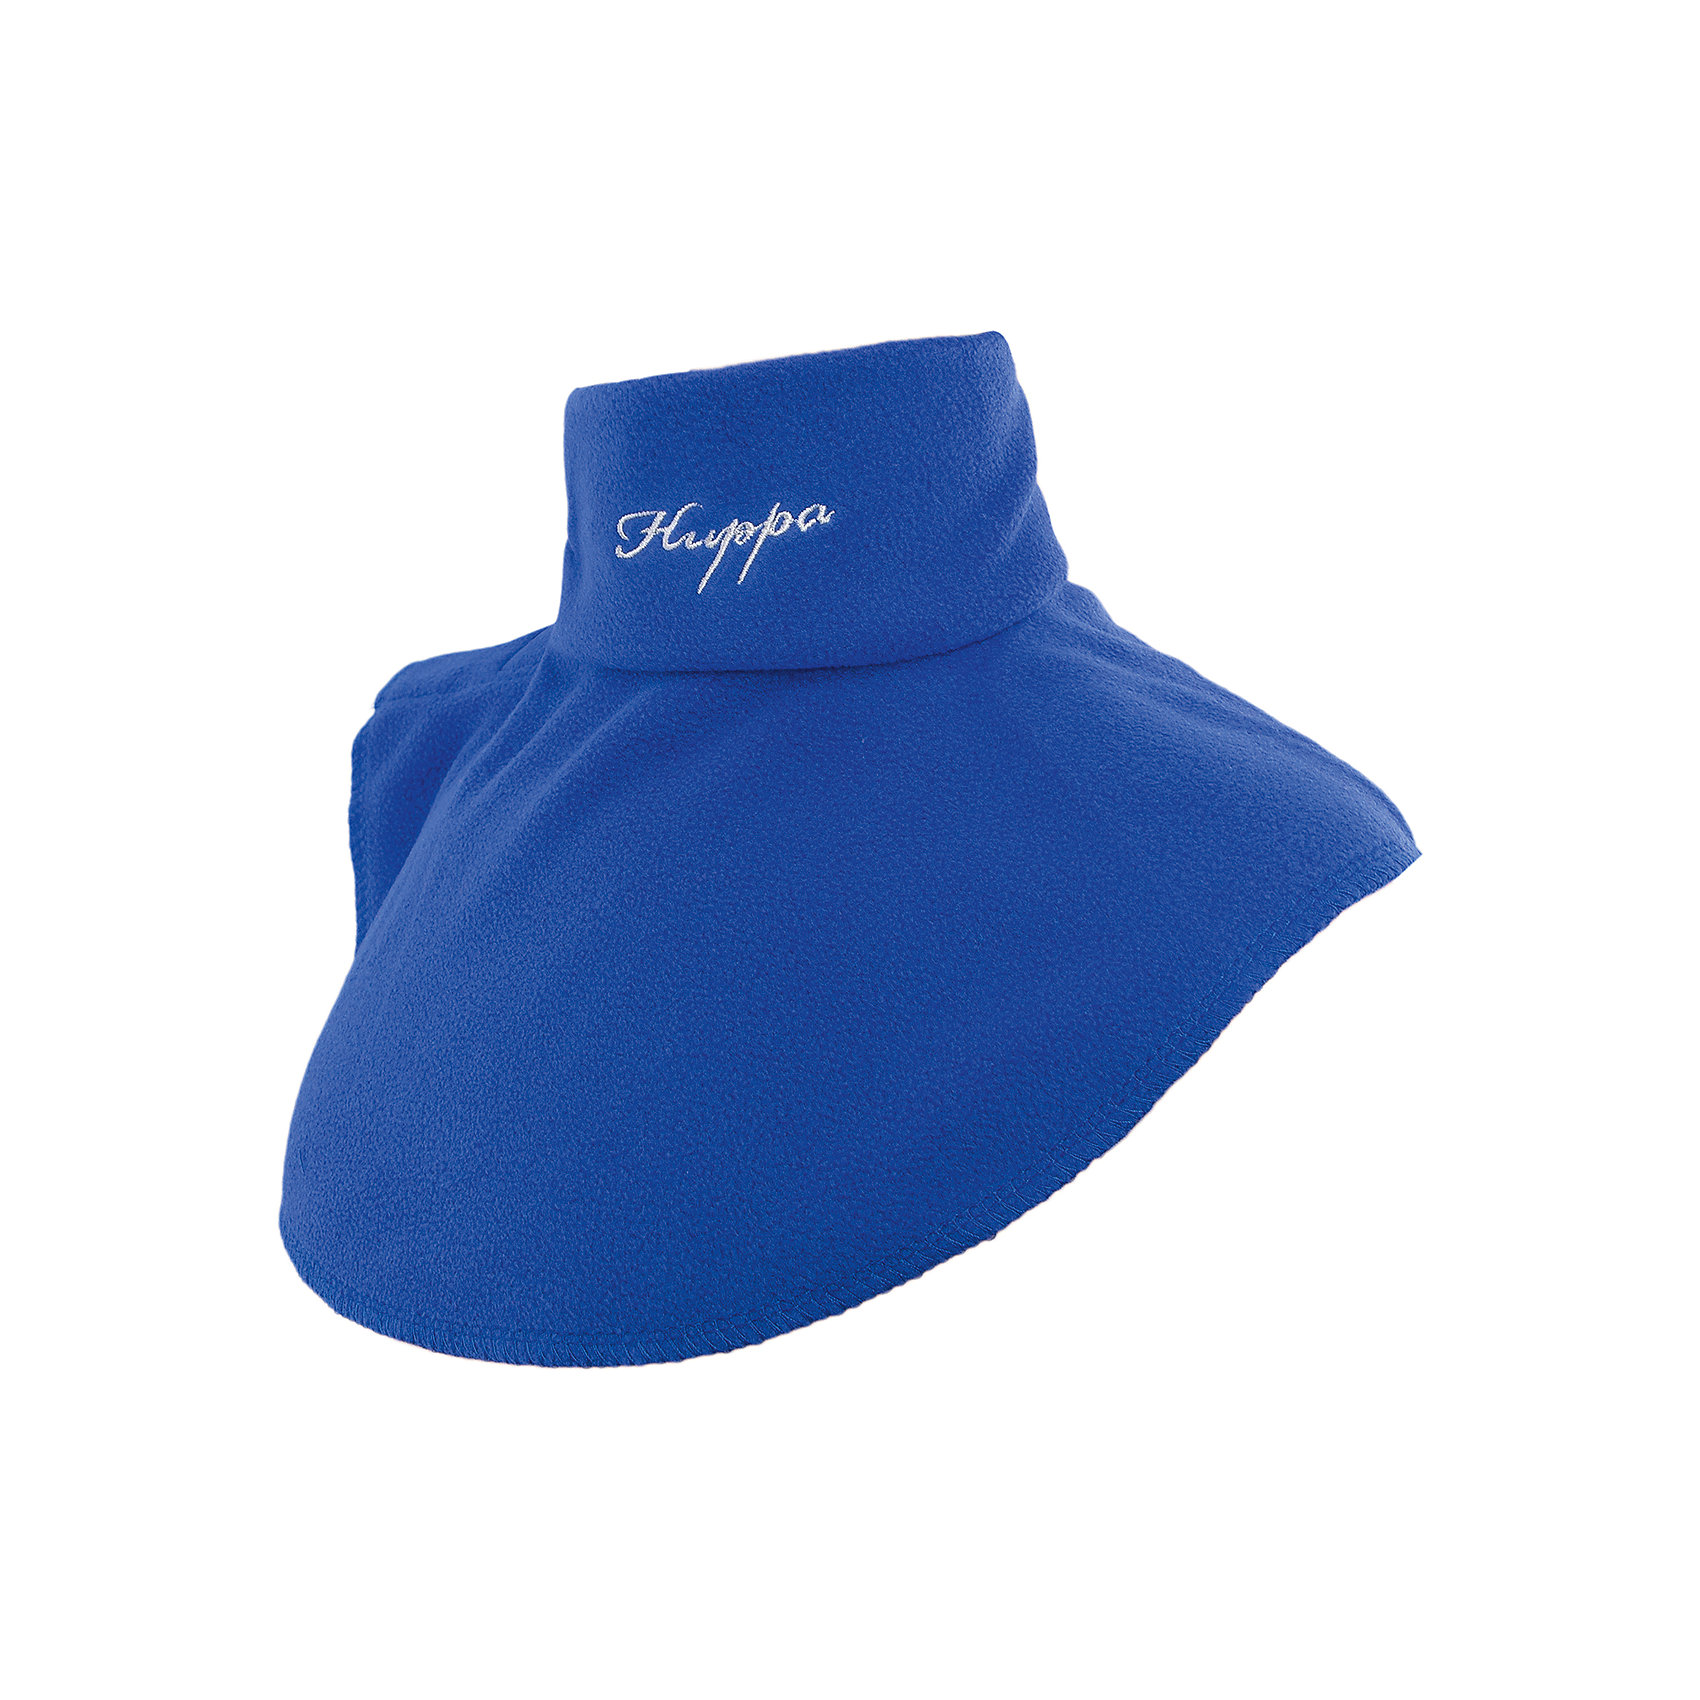 Манишка Jimmy HuppaШарфы, платки<br>Характеристики товара:<br><br>• цвет: синий<br>• состав: 100% полиэстер (флис)<br>• застёгивается сзади при помощи липучки<br>• защищает шею от ветра и холода<br>• яркий цвет<br>• мягкий материал<br>• декорирована вышивкой<br>• комфортная посадка<br>• страна бренда: Эстония<br><br>Эта яркая манишка обеспечит детям тепло и комфорт в прохладную погоду. Она сделана из приятного на ощупь материала с мягким ворсом, поэтому изделие не колется и не натирает. Манишка очень симпатично смотрится, благодаря яркой расцветке вещь отлично подходит к различной верхней одежде. Модель была разработана специально для детей.<br><br>Одежда и обувь от популярного эстонского бренда Huppa - отличный вариант одеть ребенка можно и комфортно. Вещи, выпускаемые компанией, качественные, продуманные и очень удобные. Для производства изделий используются только безопасные для детей материалы. Продукция от Huppa порадует и детей, и их родителей!<br><br>Манишку Jimmy флисовую от бренда Huppa (Хуппа) можно купить в нашем интернет-магазине.<br><br>Ширина мм: 88<br>Глубина мм: 155<br>Высота мм: 26<br>Вес г: 106<br>Цвет: синий<br>Возраст от месяцев: 0<br>Возраст до месяцев: 6<br>Пол: Унисекс<br>Возраст: Детский<br>Размер: one size<br>SKU: 4923926